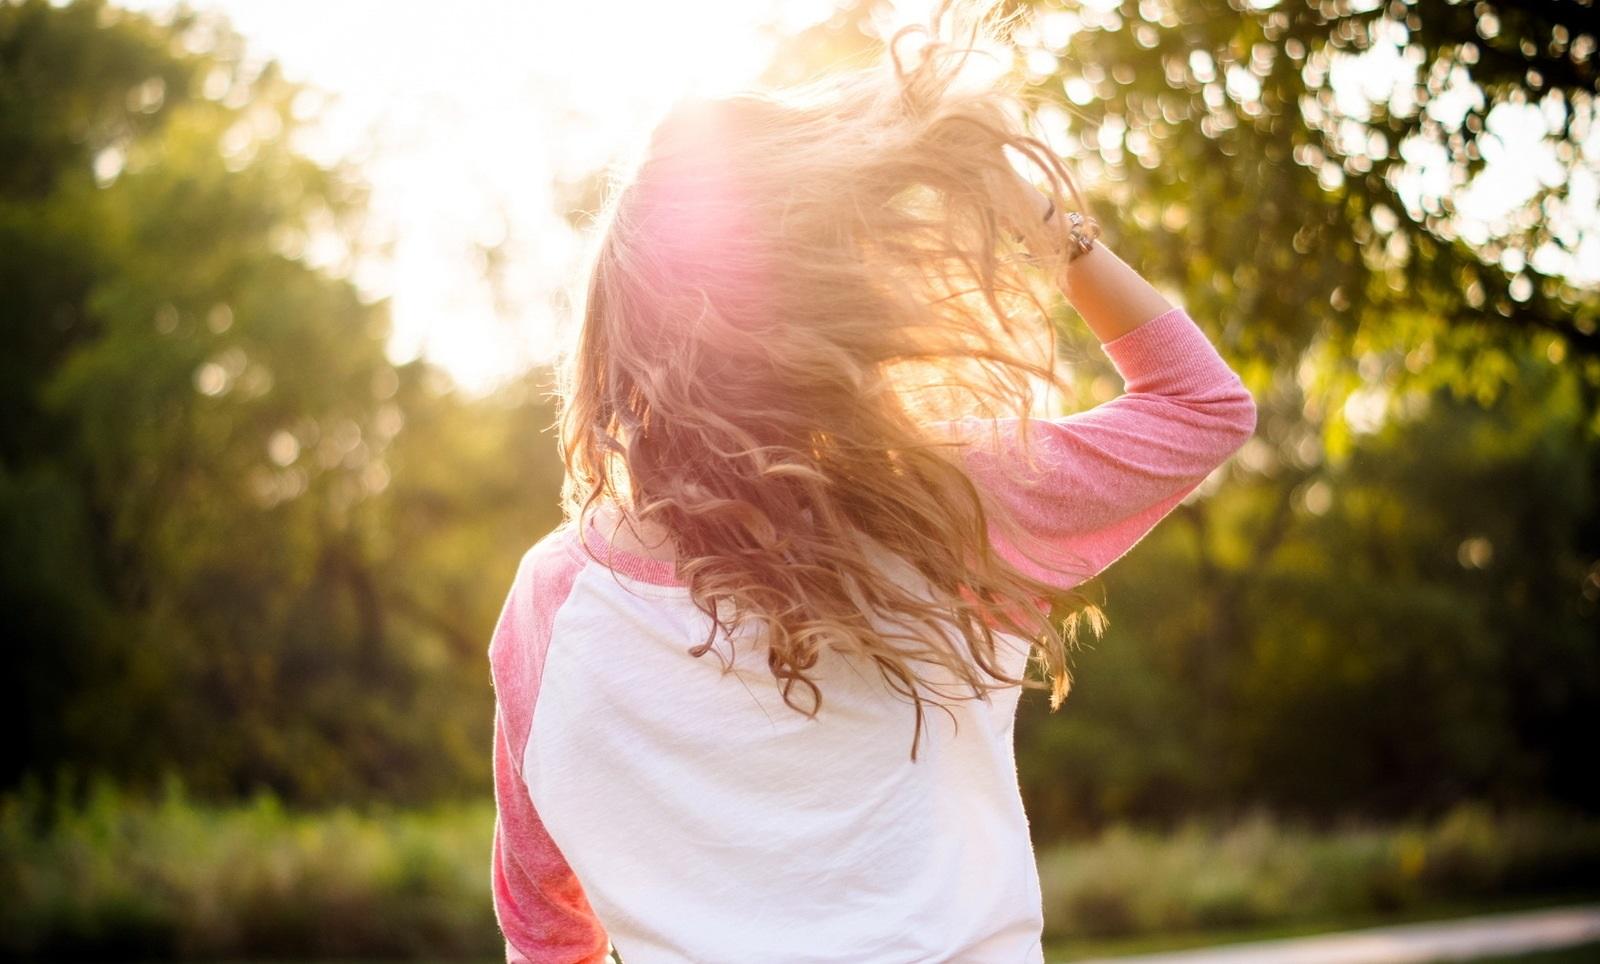 О сожалениях... и навыке жить сегодня - психолог Диана Сушко